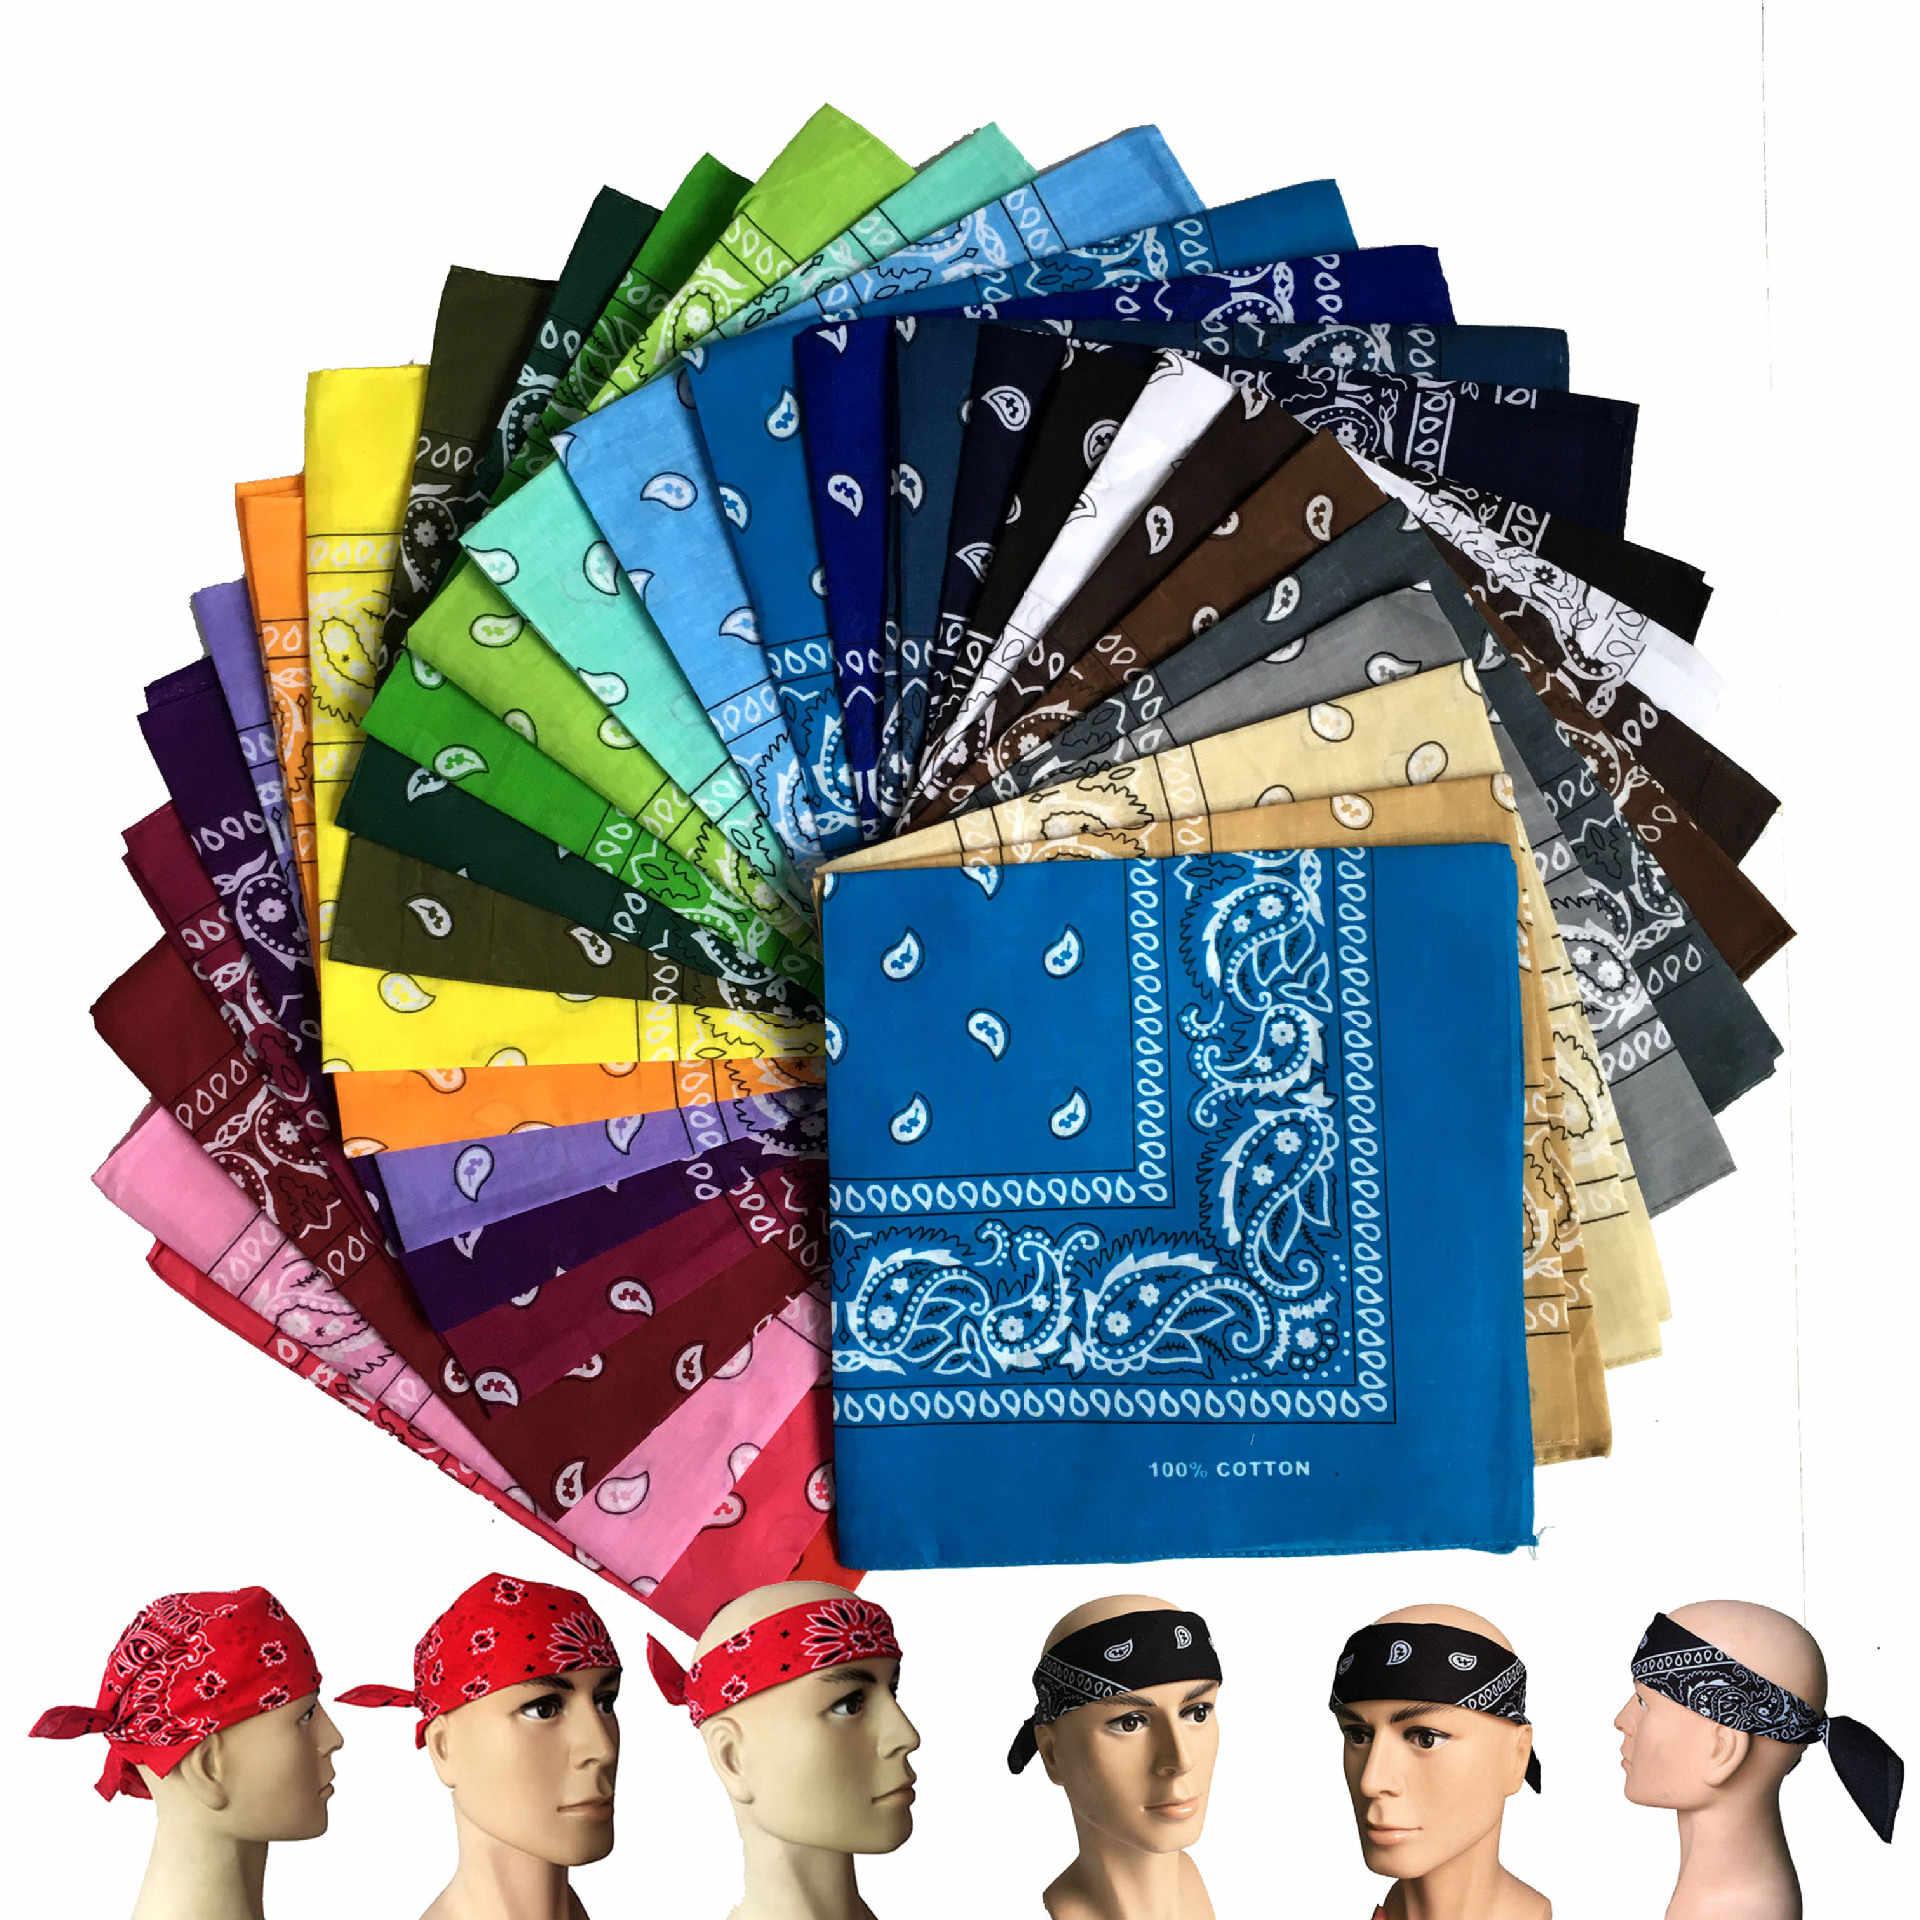 34 kleuren! 55*55 cm Nieuwe Hip-Hop Katoen Gemengd Merk Bandana Voor Mannen Vrouwen Magic Hoofddoek Sjaals Verjaardagscadeau Hoofd sjaal